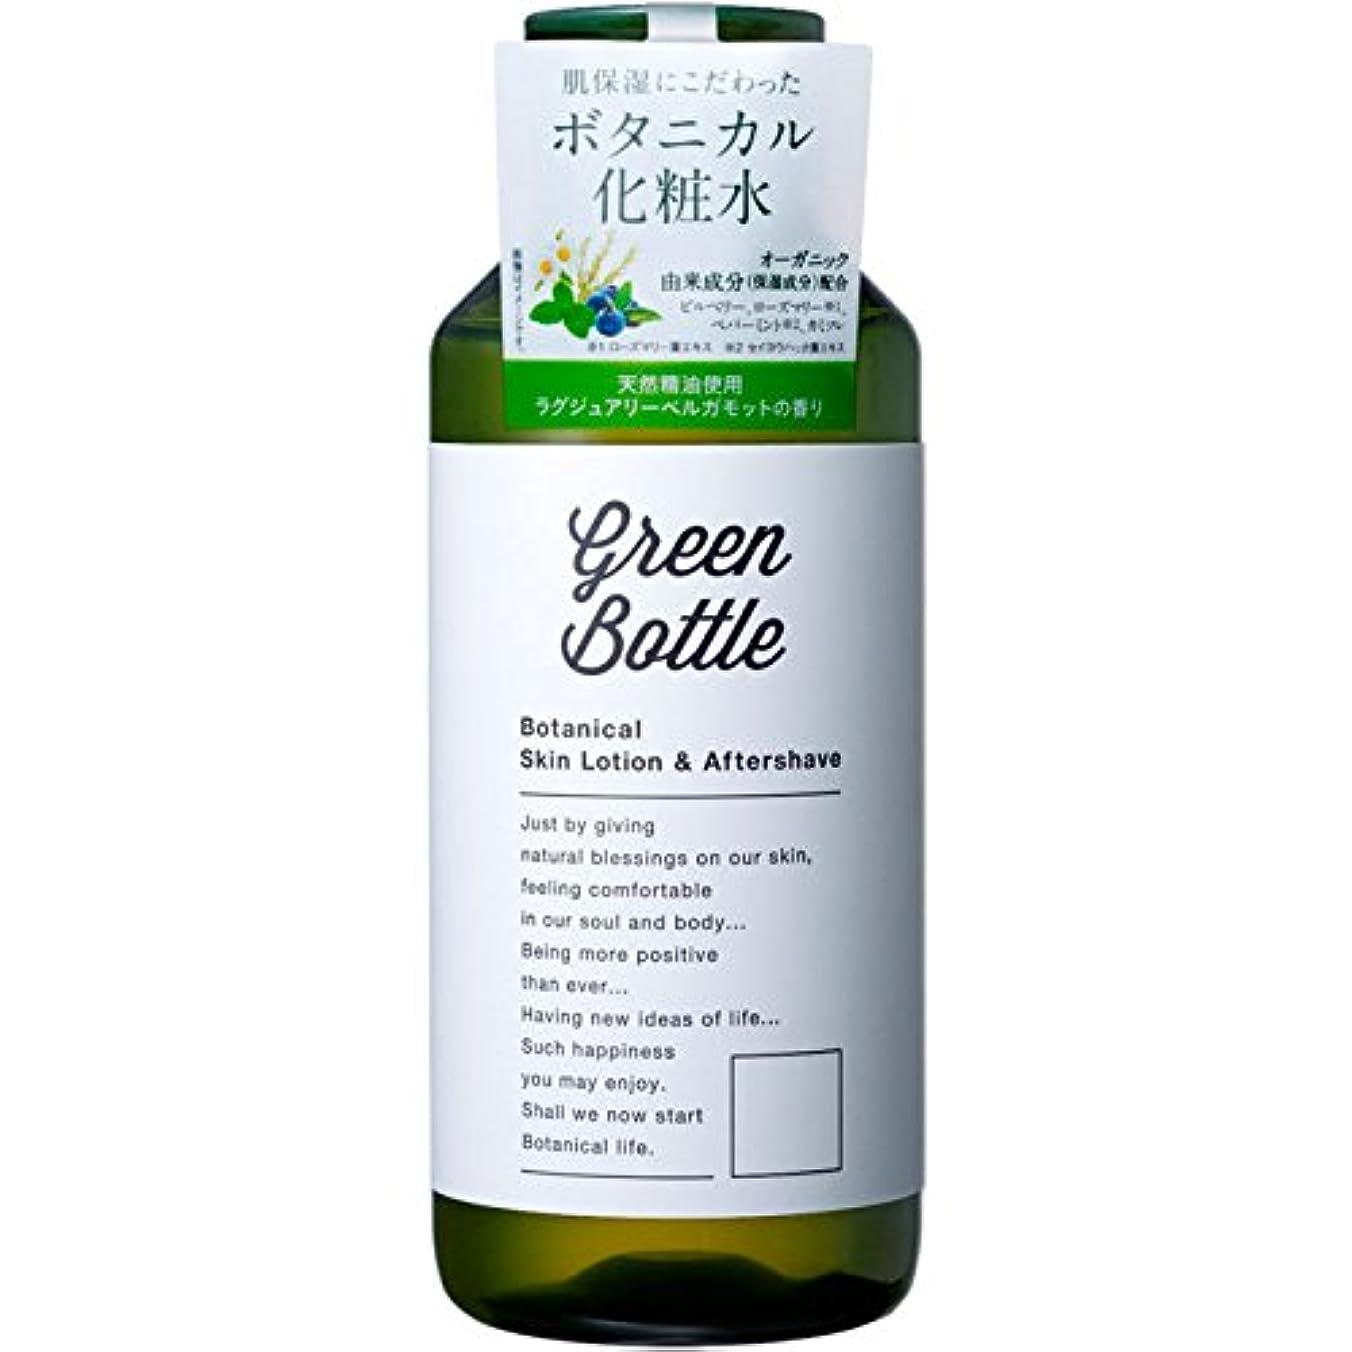 メンタル鉱石凝視グリーンボトル ボタニカル化粧水